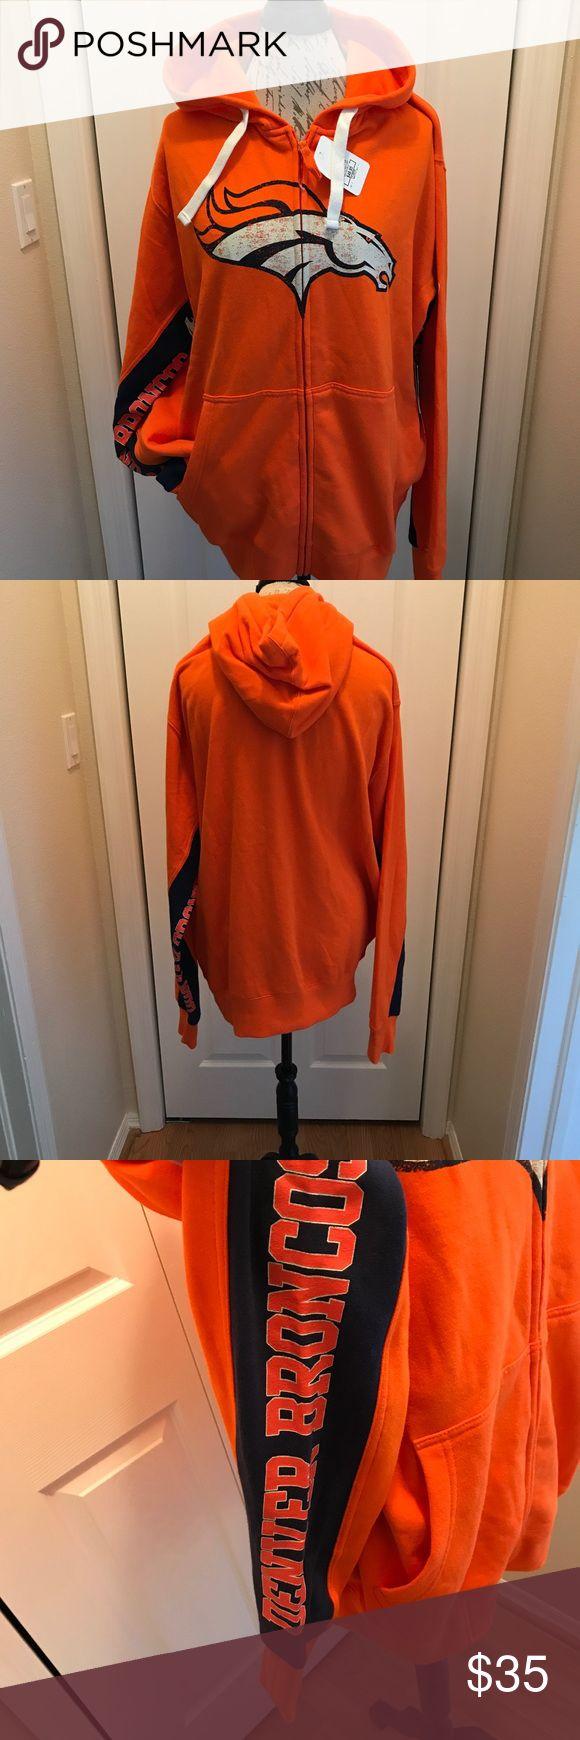 NFL Sweatshirt size XL Denver Broncos NFL Men's Sweatshirt Denver Broncos Jackets & Coats